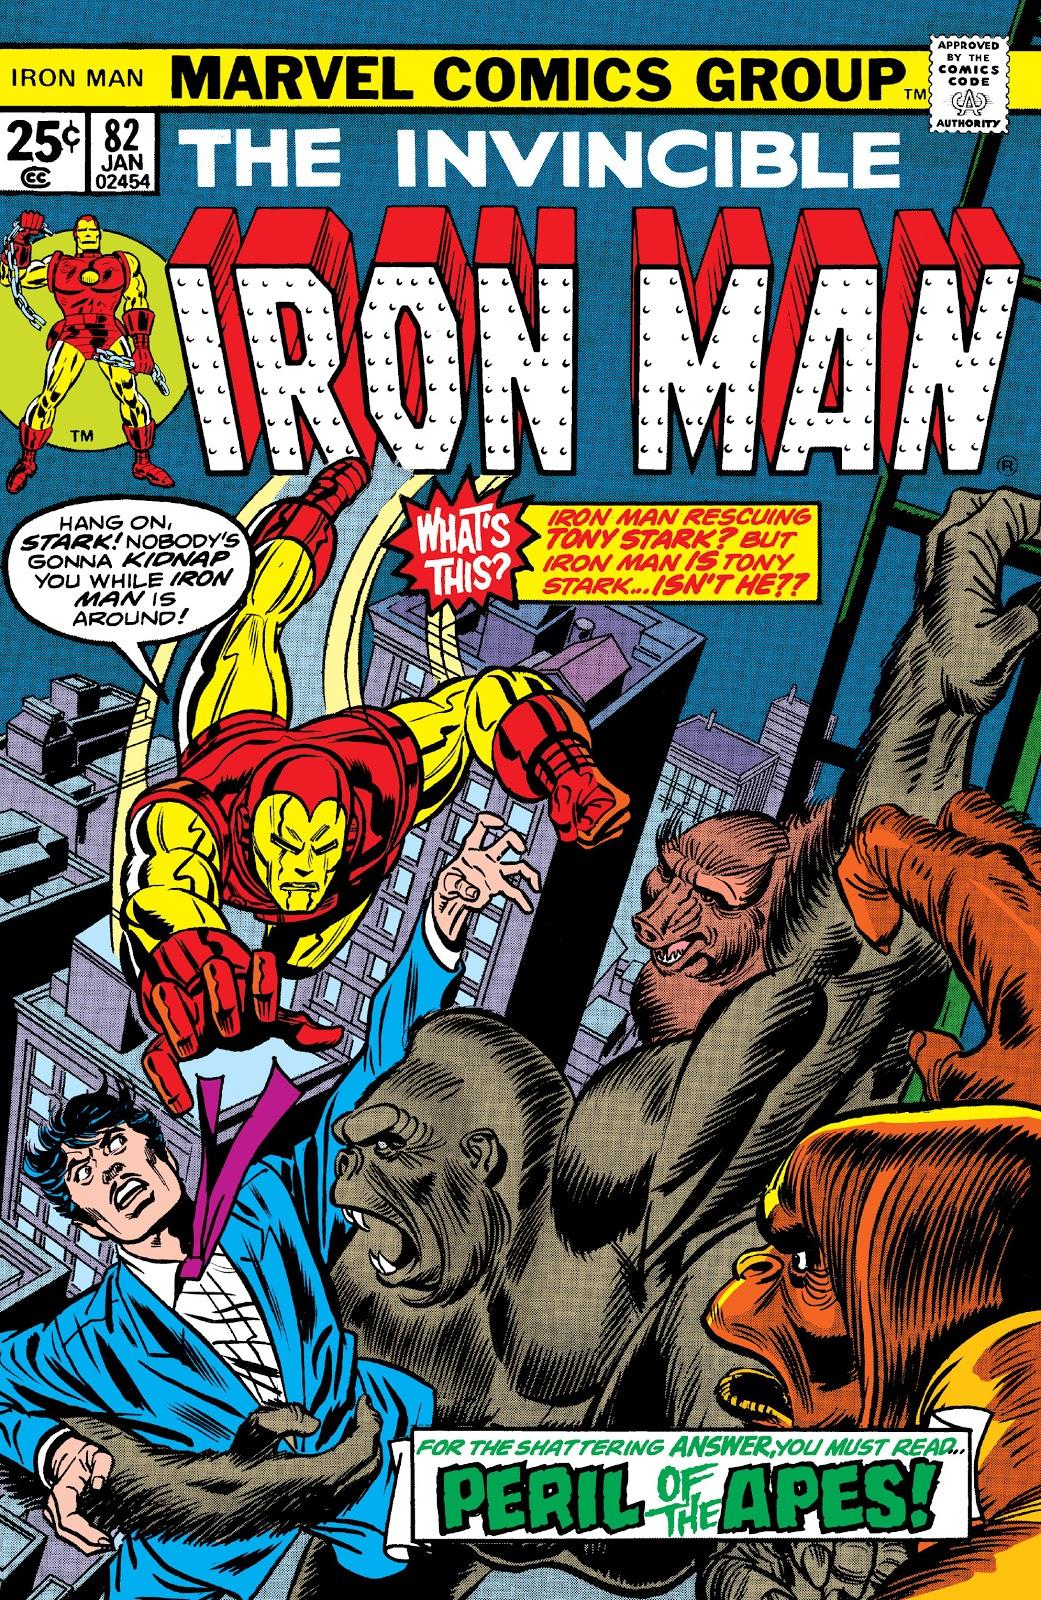 Iron Man Vol 1 82